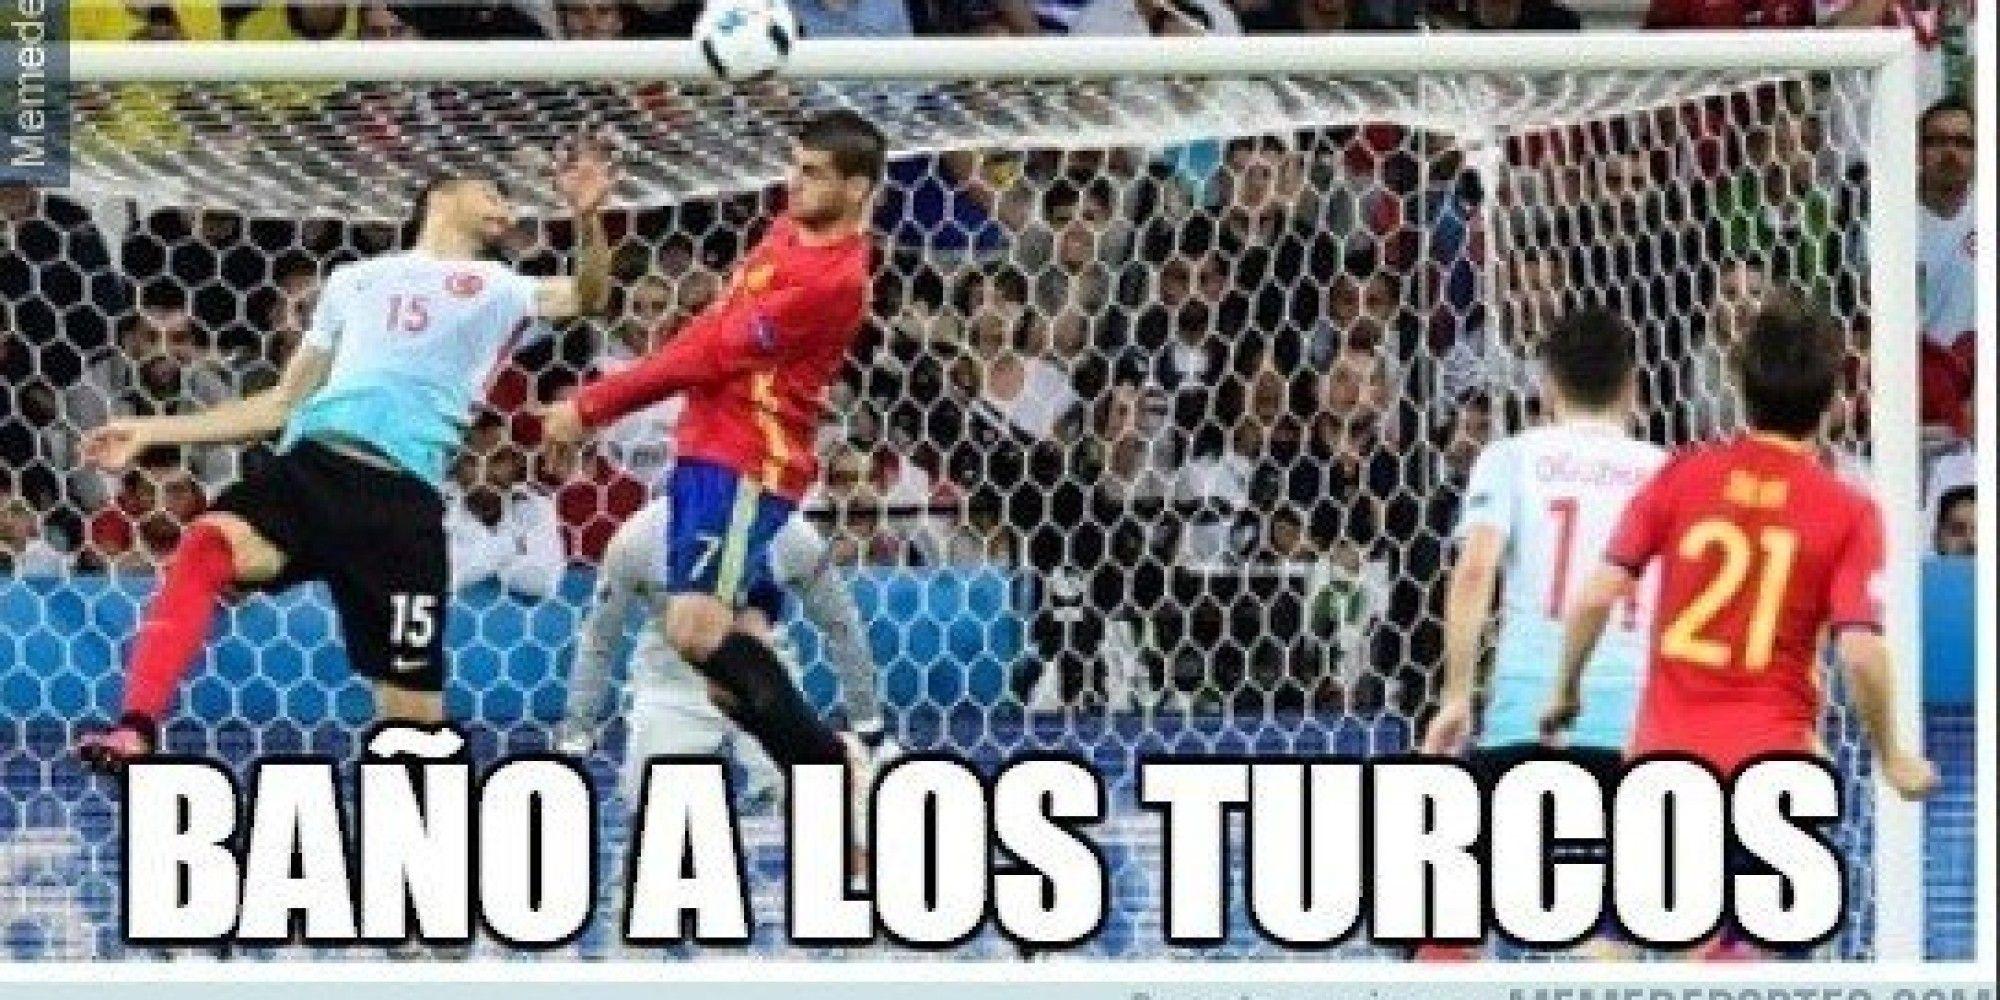 Los 'memes' del partido de España que recibirás por Whatsapp https://t.co/JxAKuG4DIi #ES